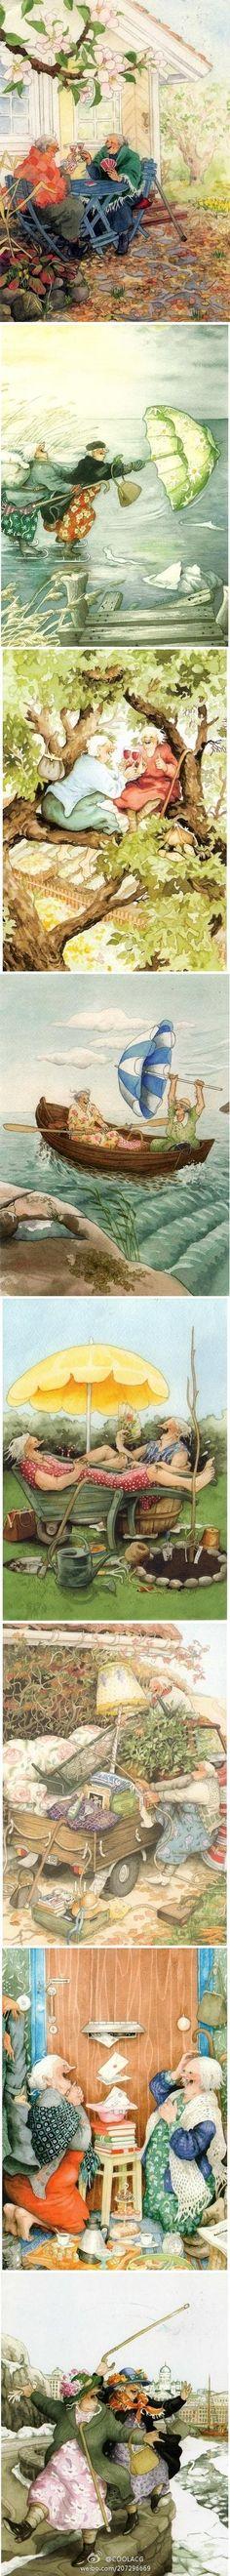 精选图库』芬兰——画师Inge Look 的水彩插画作品Ⅰ:『我们要一辈子都快乐的在一起』『快乐的老奶奶』 ❀ 更多插画欣赏: